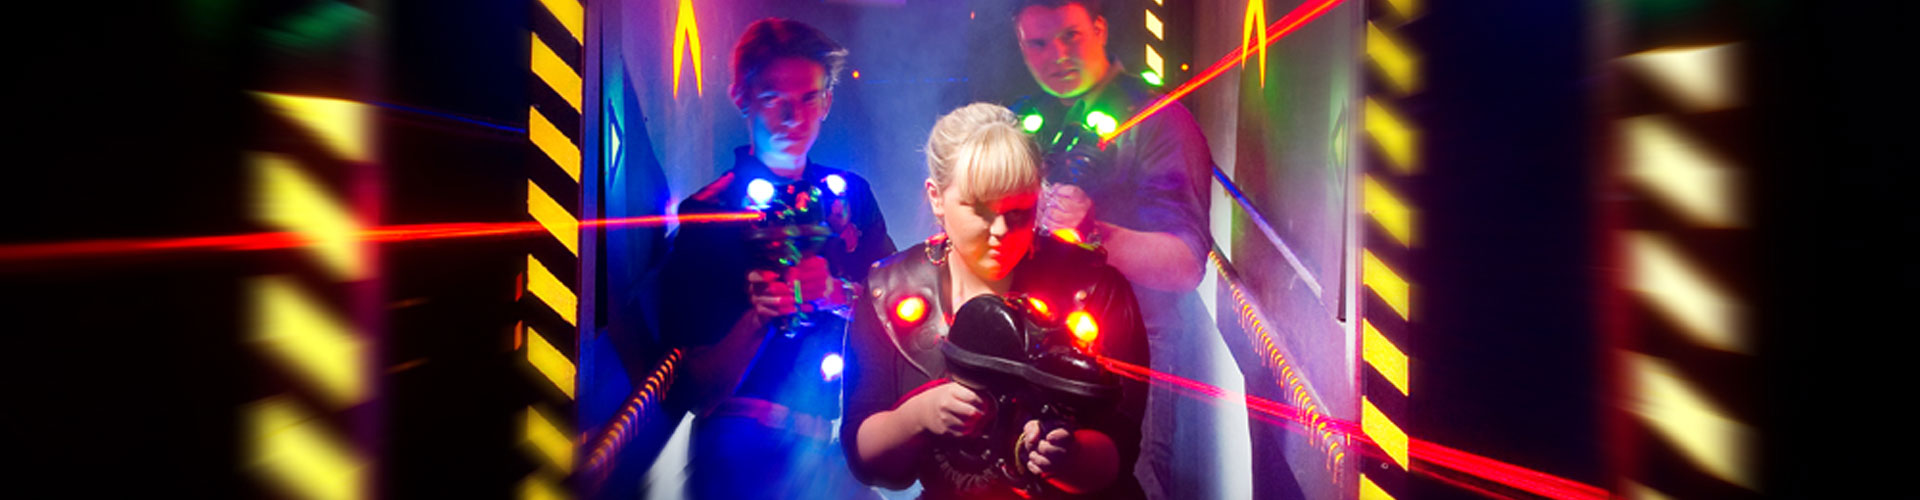 laser_tag_slide_11